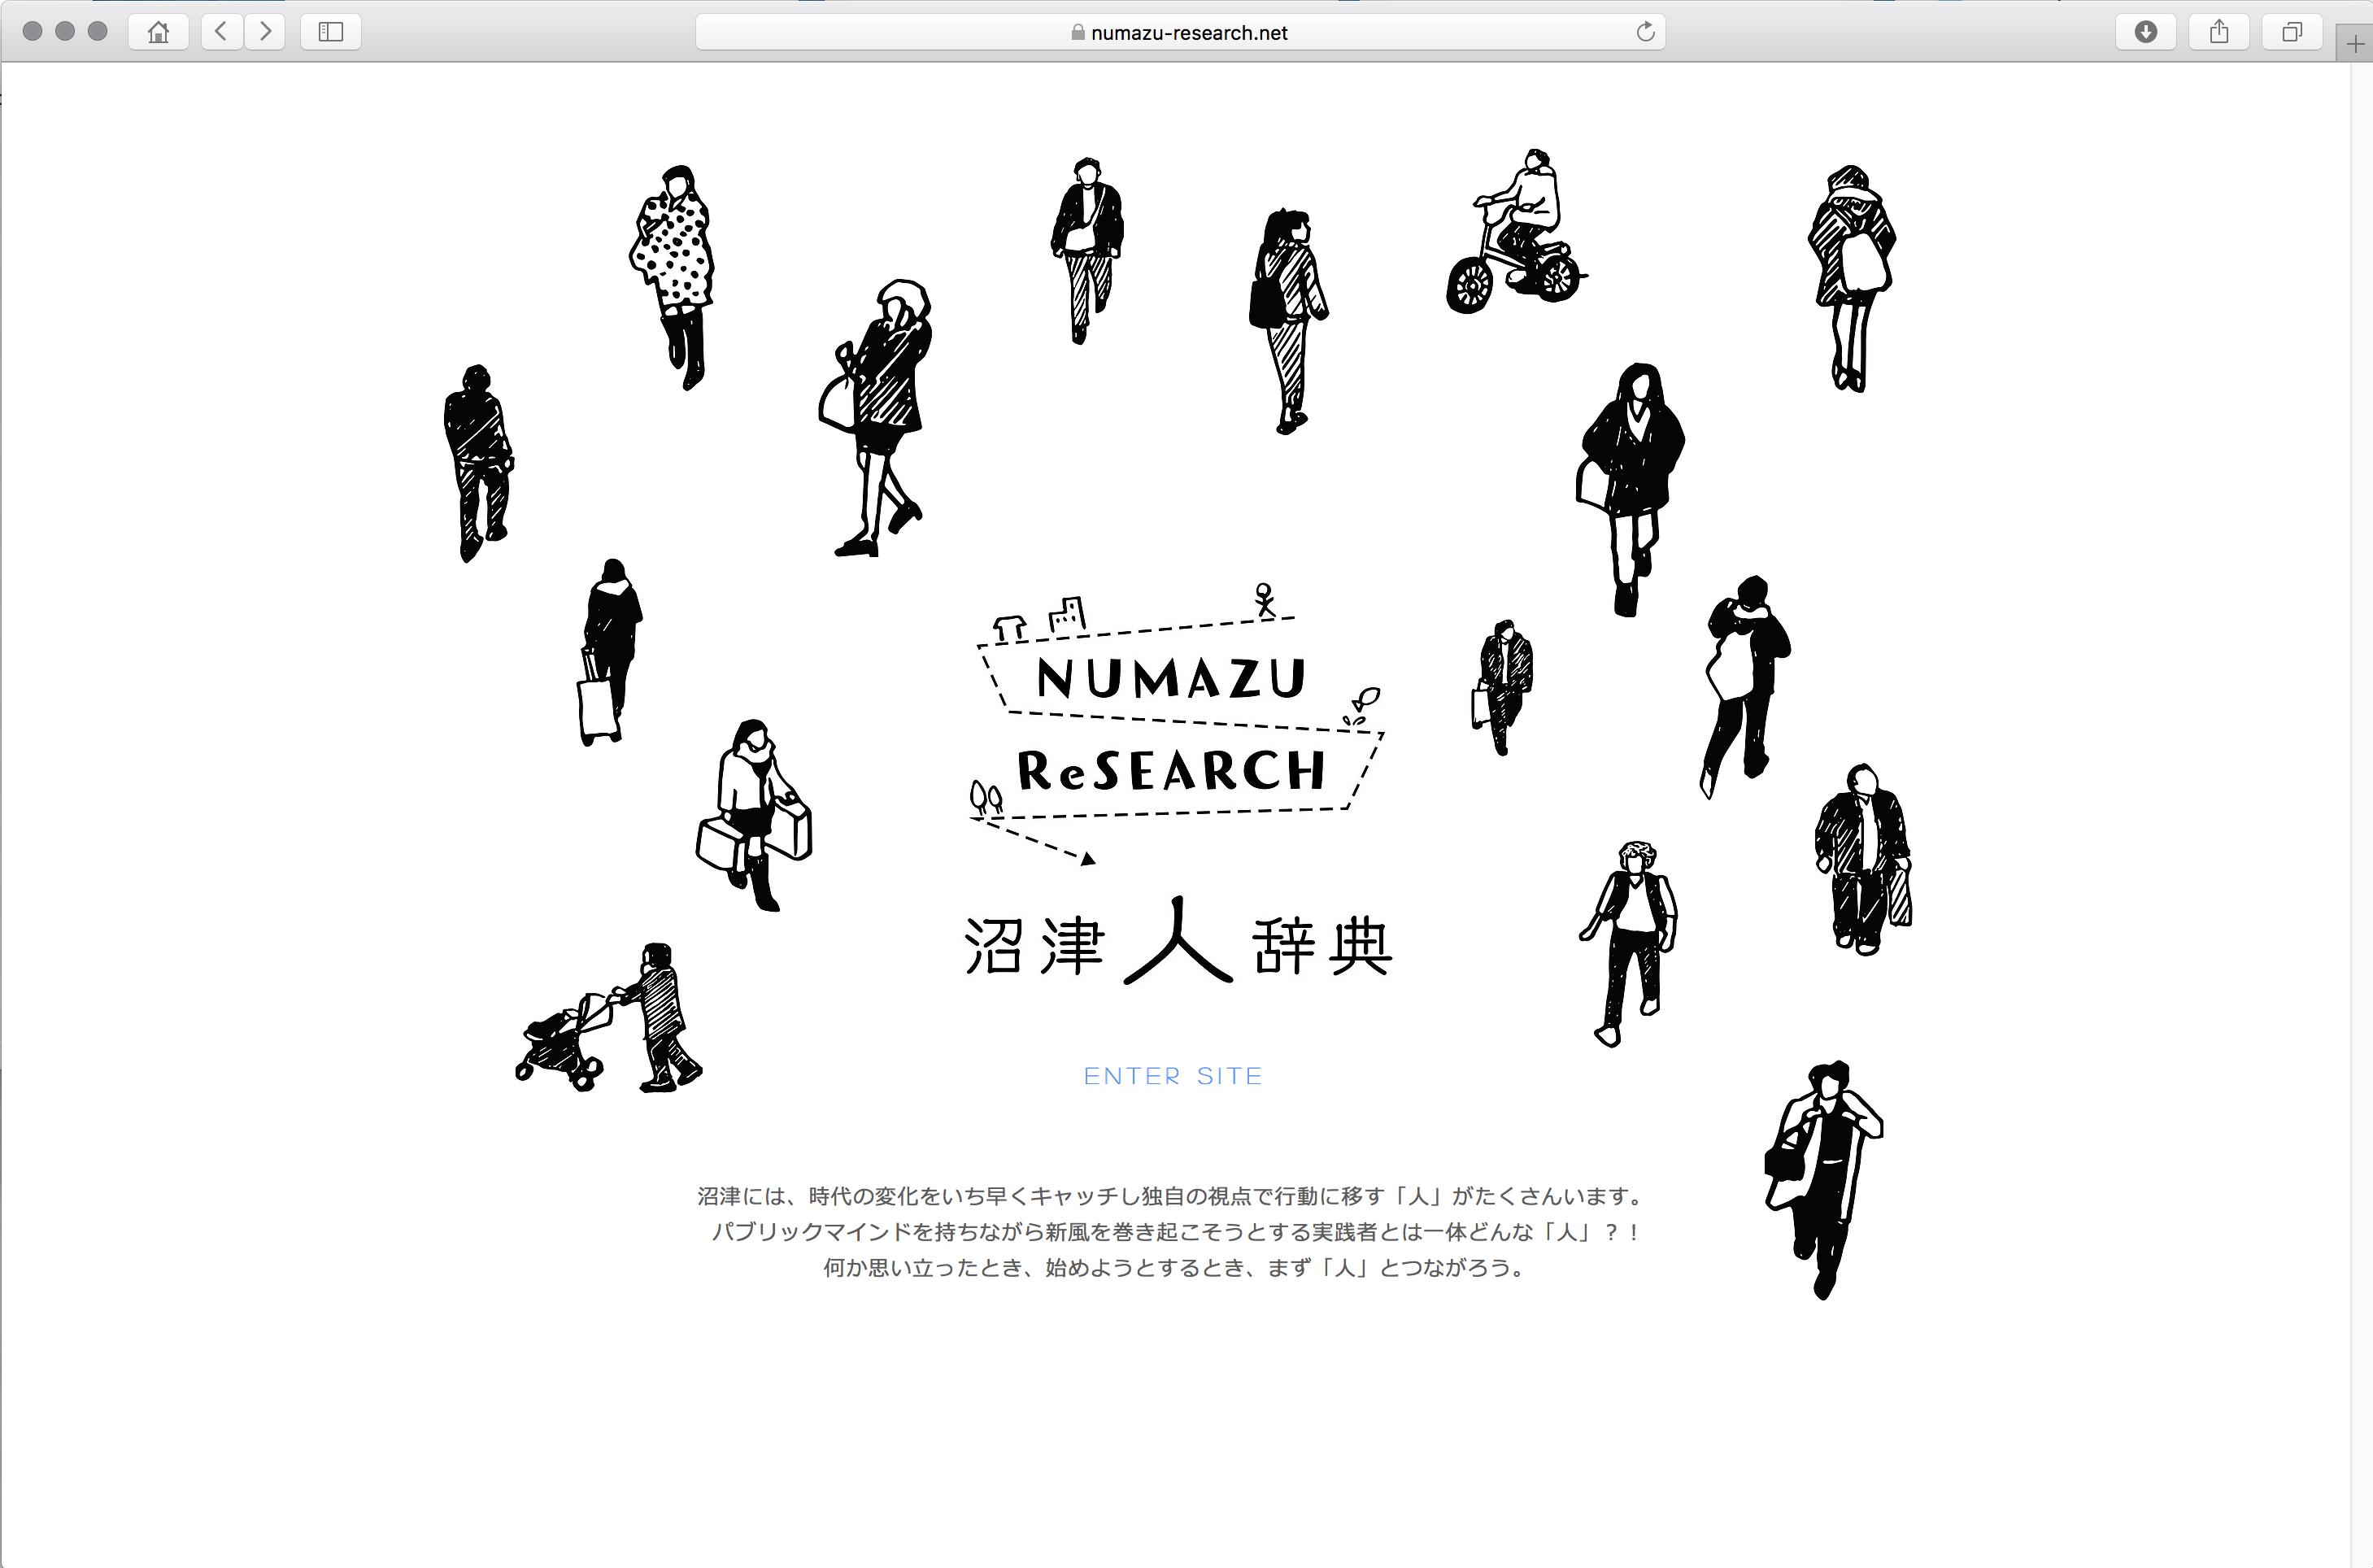 numazu research 沼津人辞典